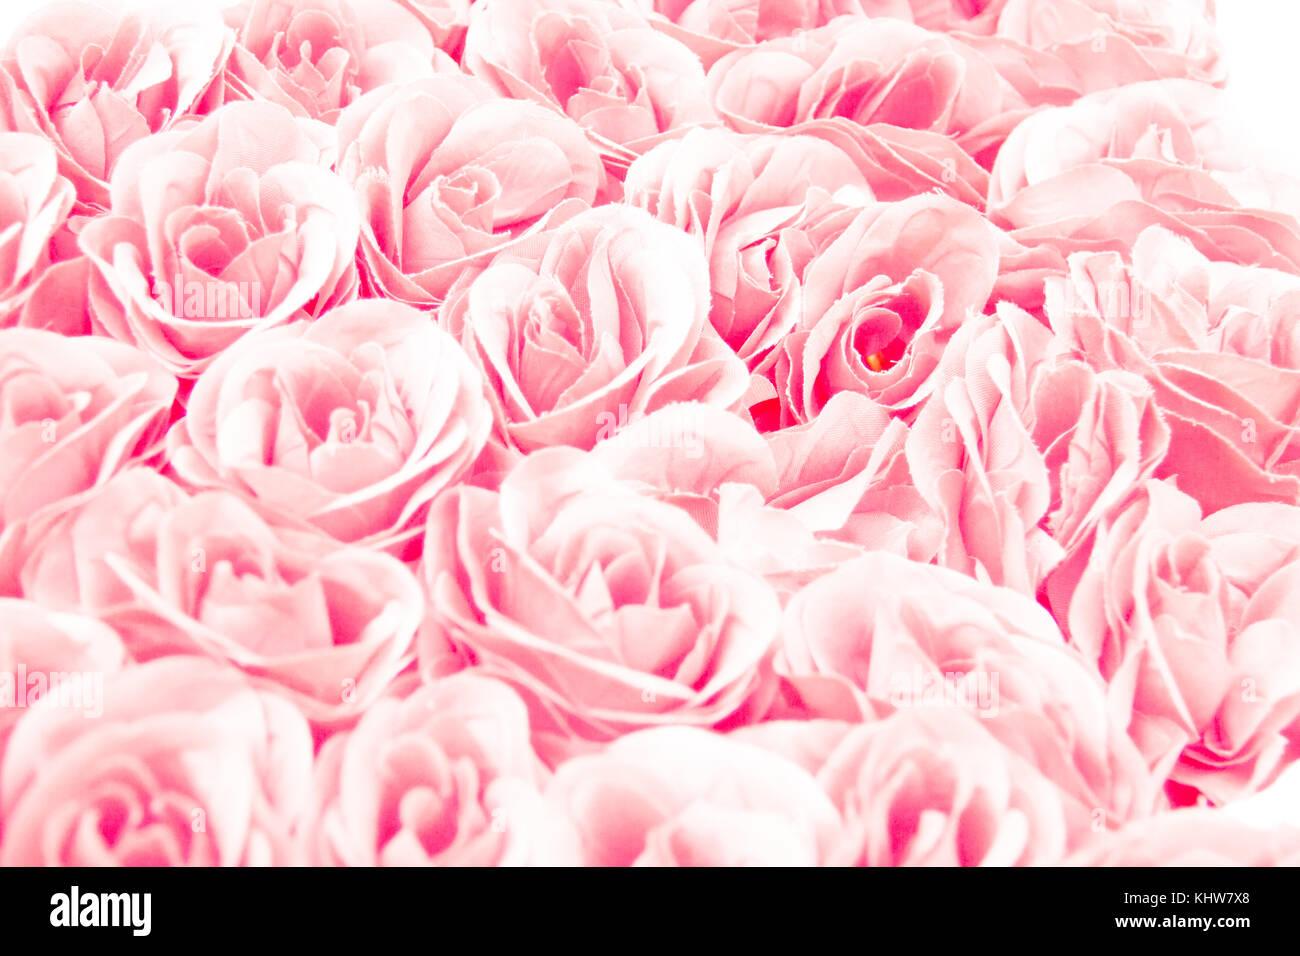 Colorido Rosa Rosa Flores Para Bodas Concepto De Fondo Abstracto